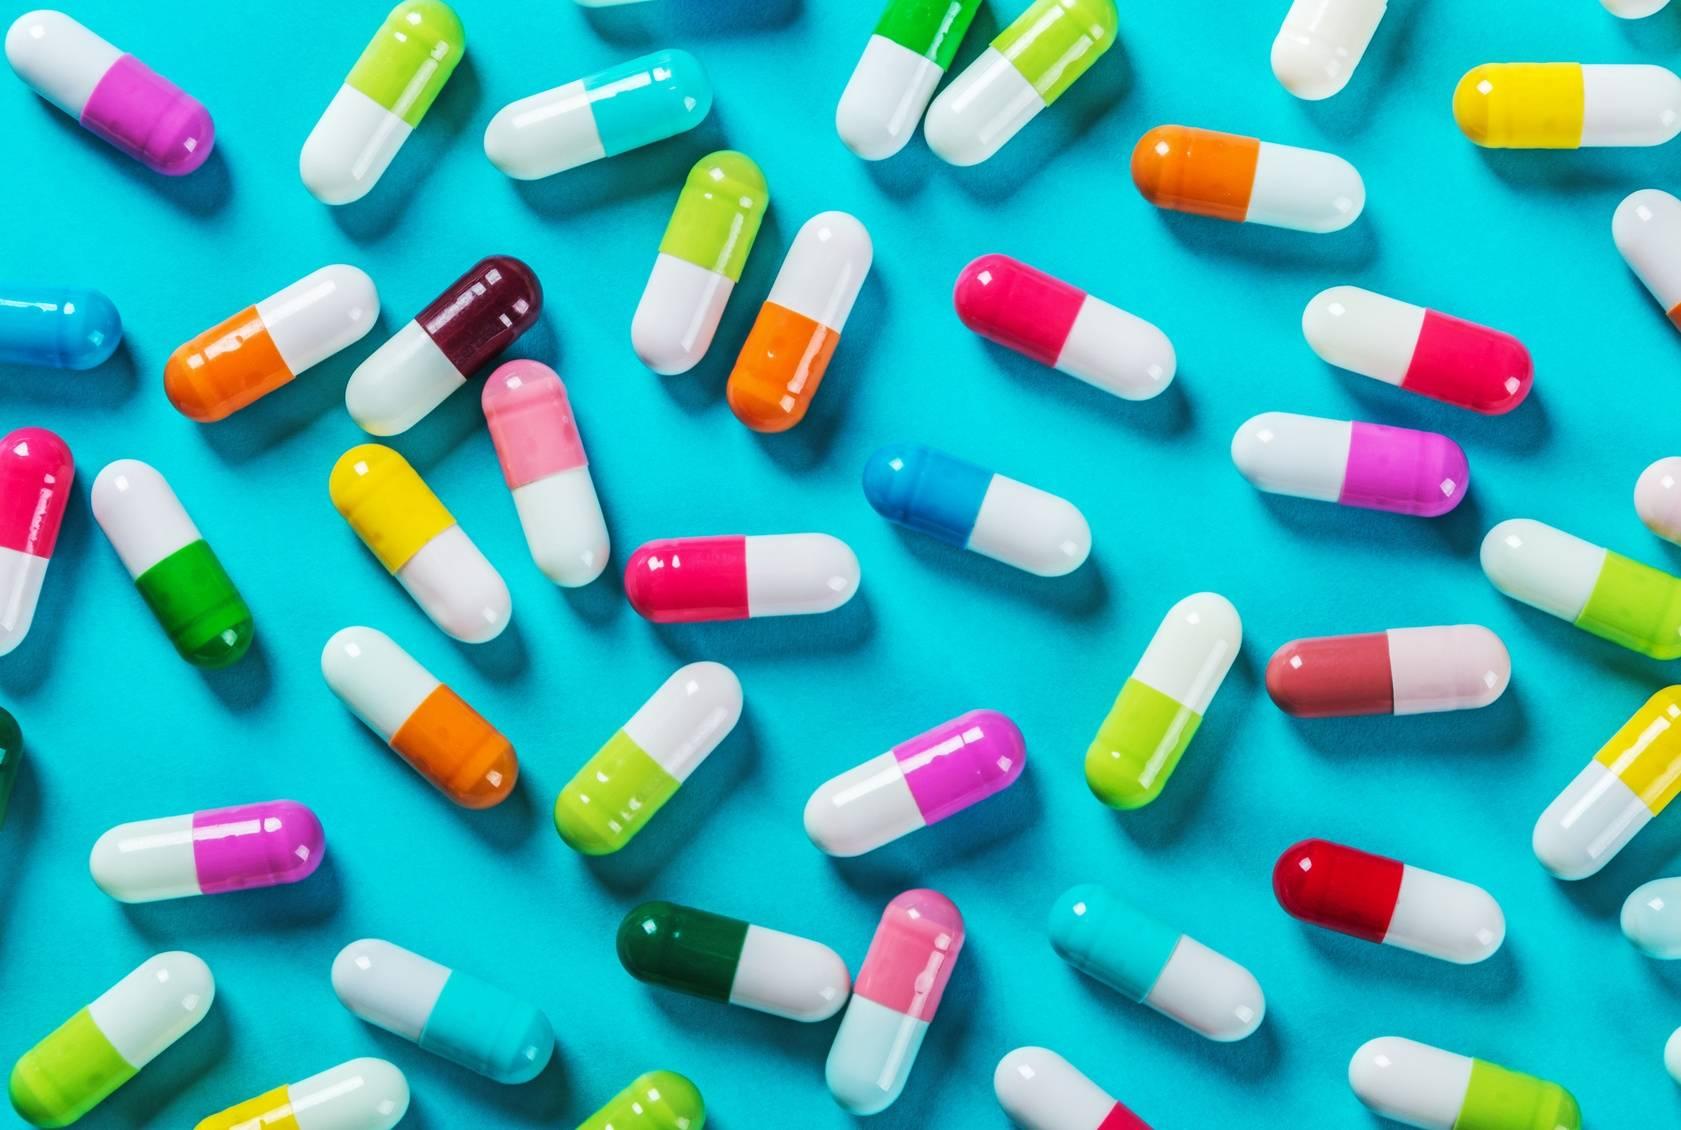 Probiotyki wspierają odporność i warto je brać podczas przyjmowania innych leków wyjaławiających mikroflorę bakteryjną jelit.